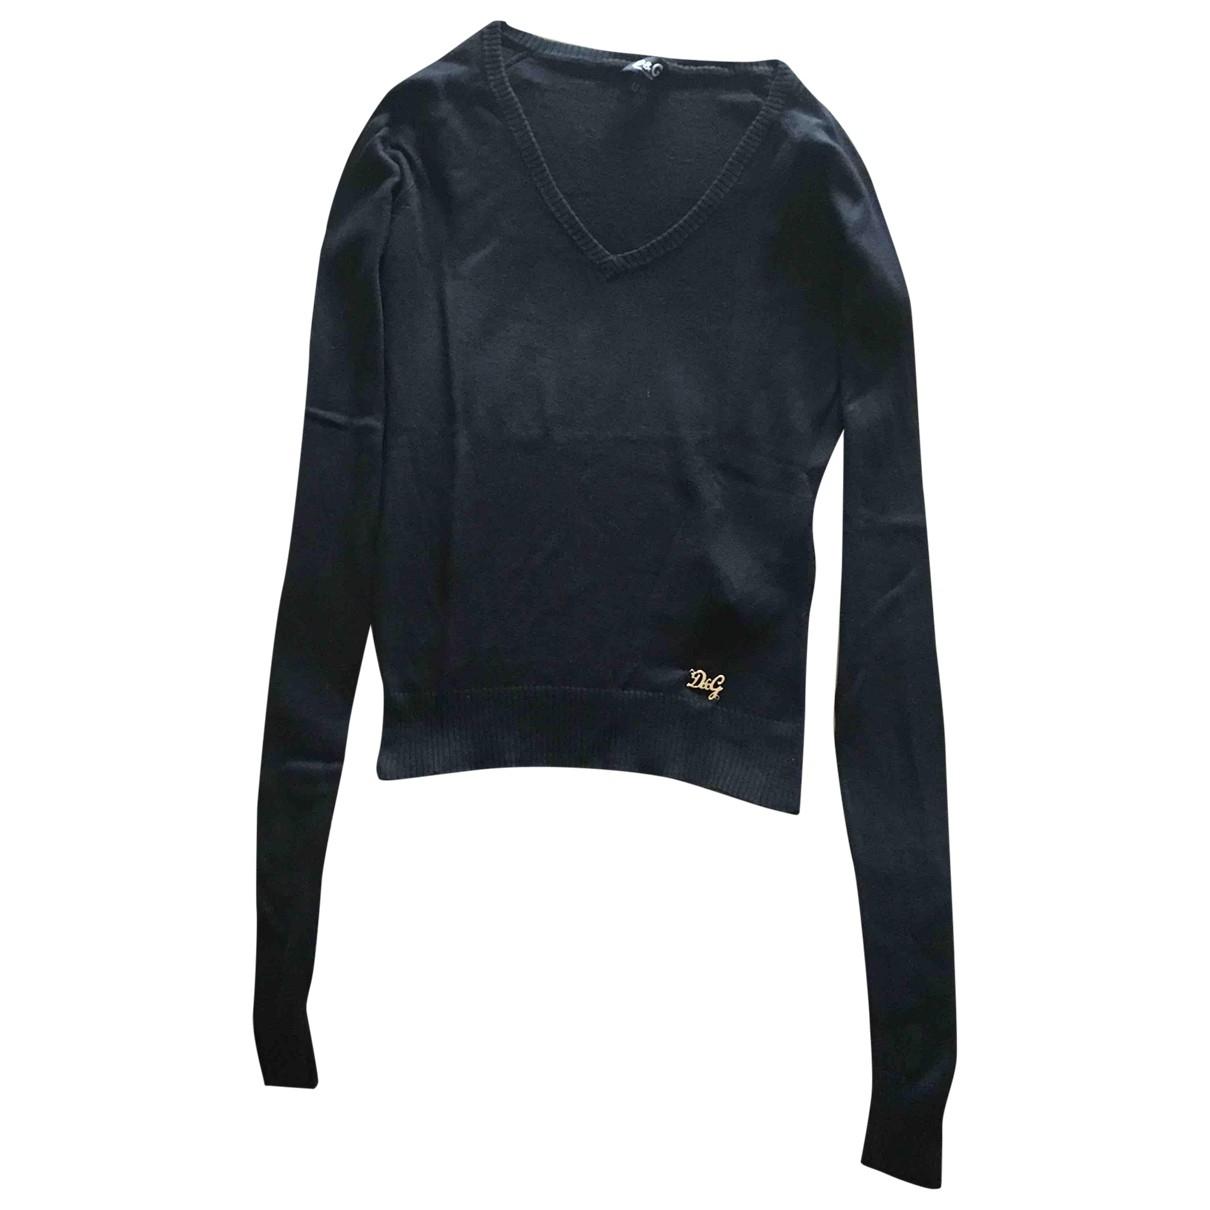 D&g \N Black Silk Knitwear for Women XS International